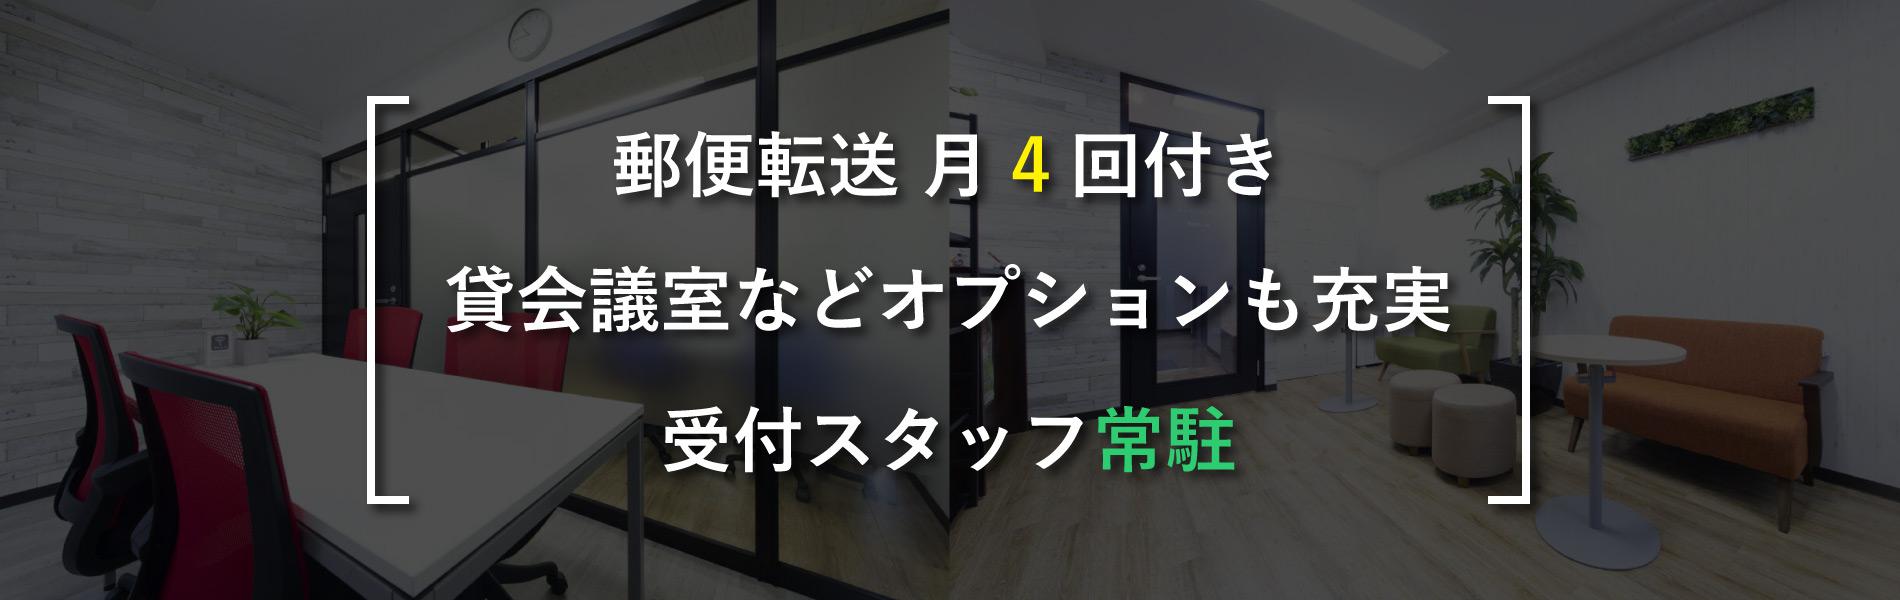 郵便転送 月4回付き 貸会議室などオプションも充実  受付スタッフ常駐